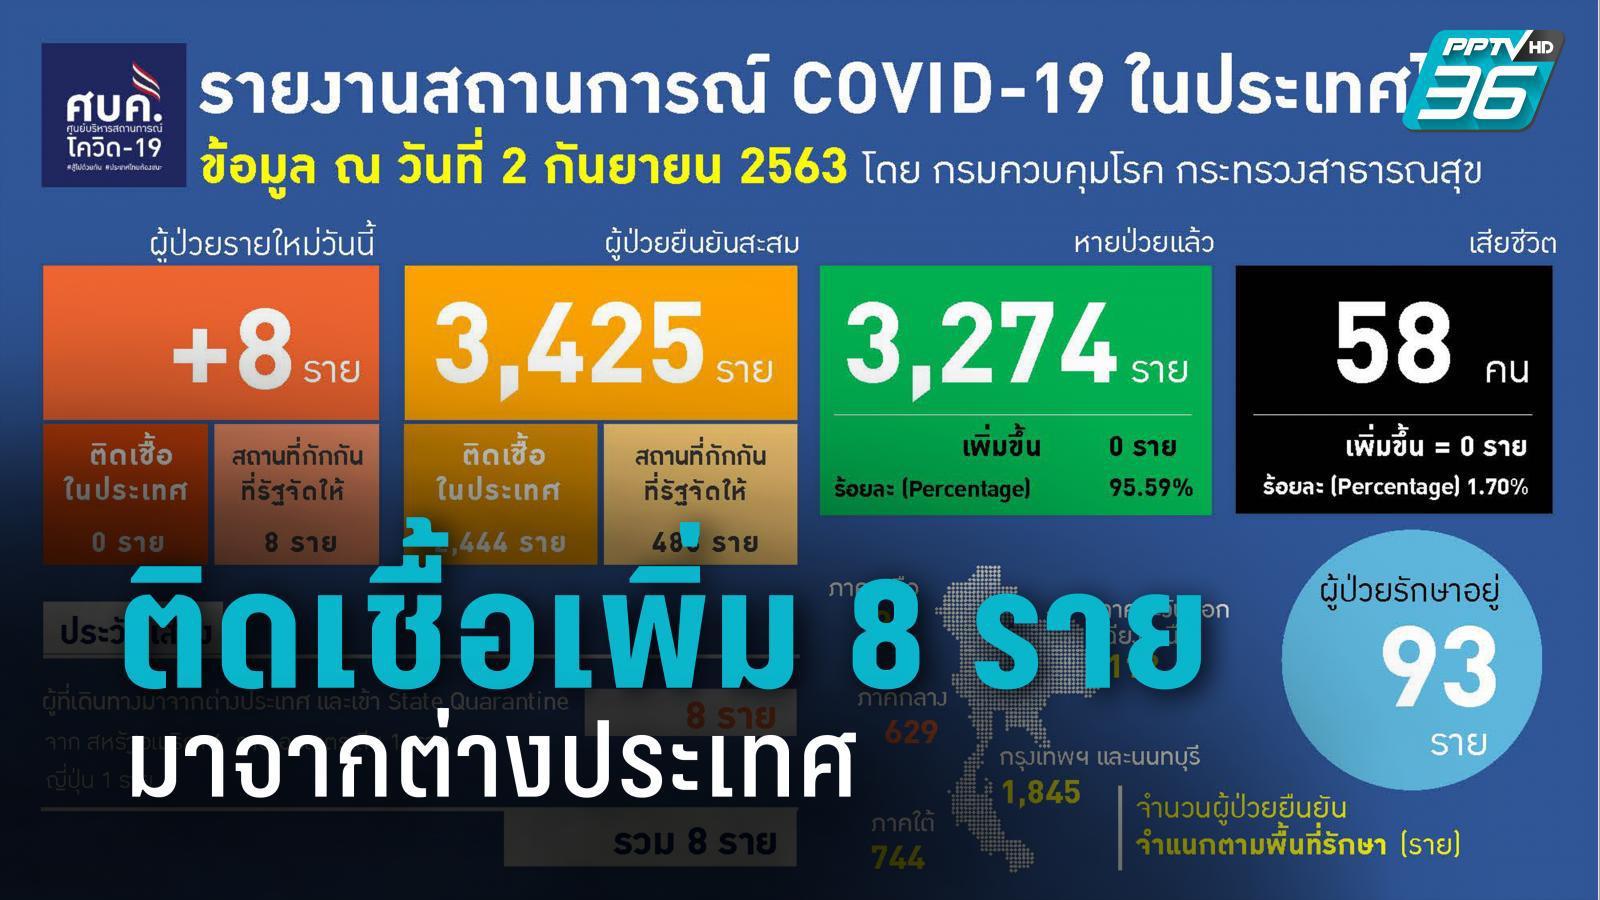 พบติดเชื้อโควิด-19 รายใหม่ 8 ราย มาจาก สหรัฐฯ-ออสเตรเลีย-ญี่ปุ่น